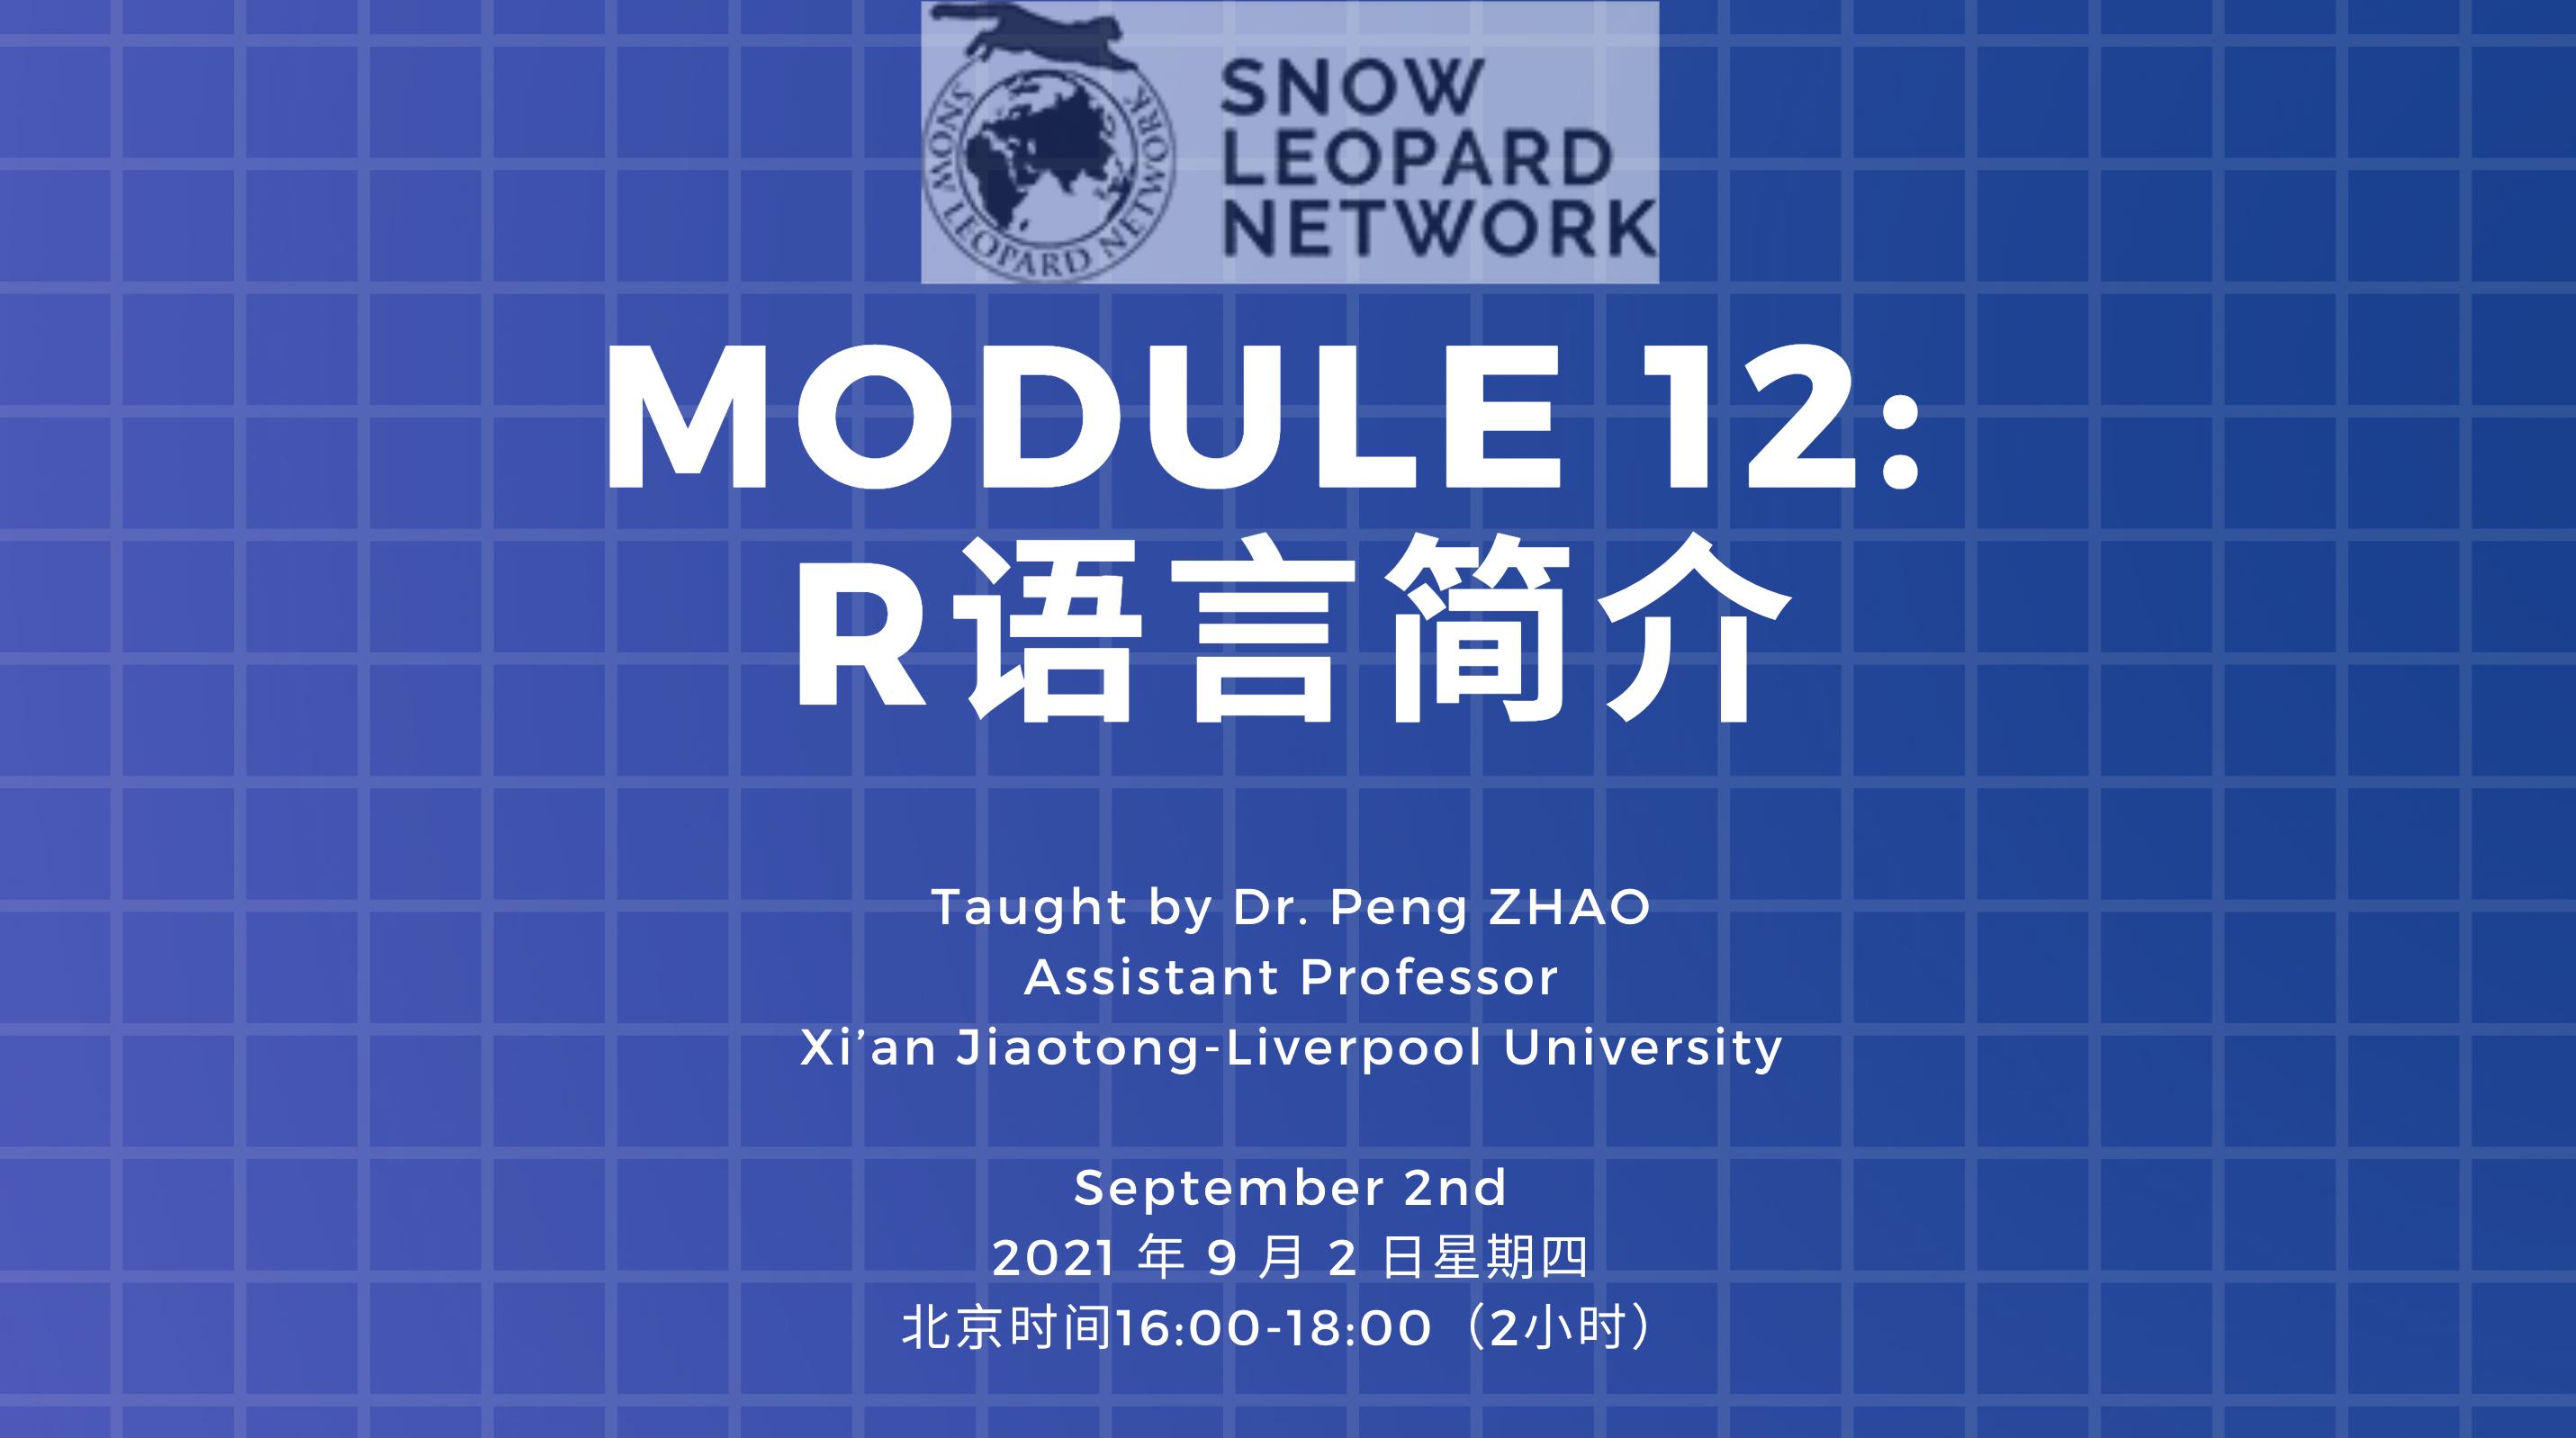 Module 12: R语言简介